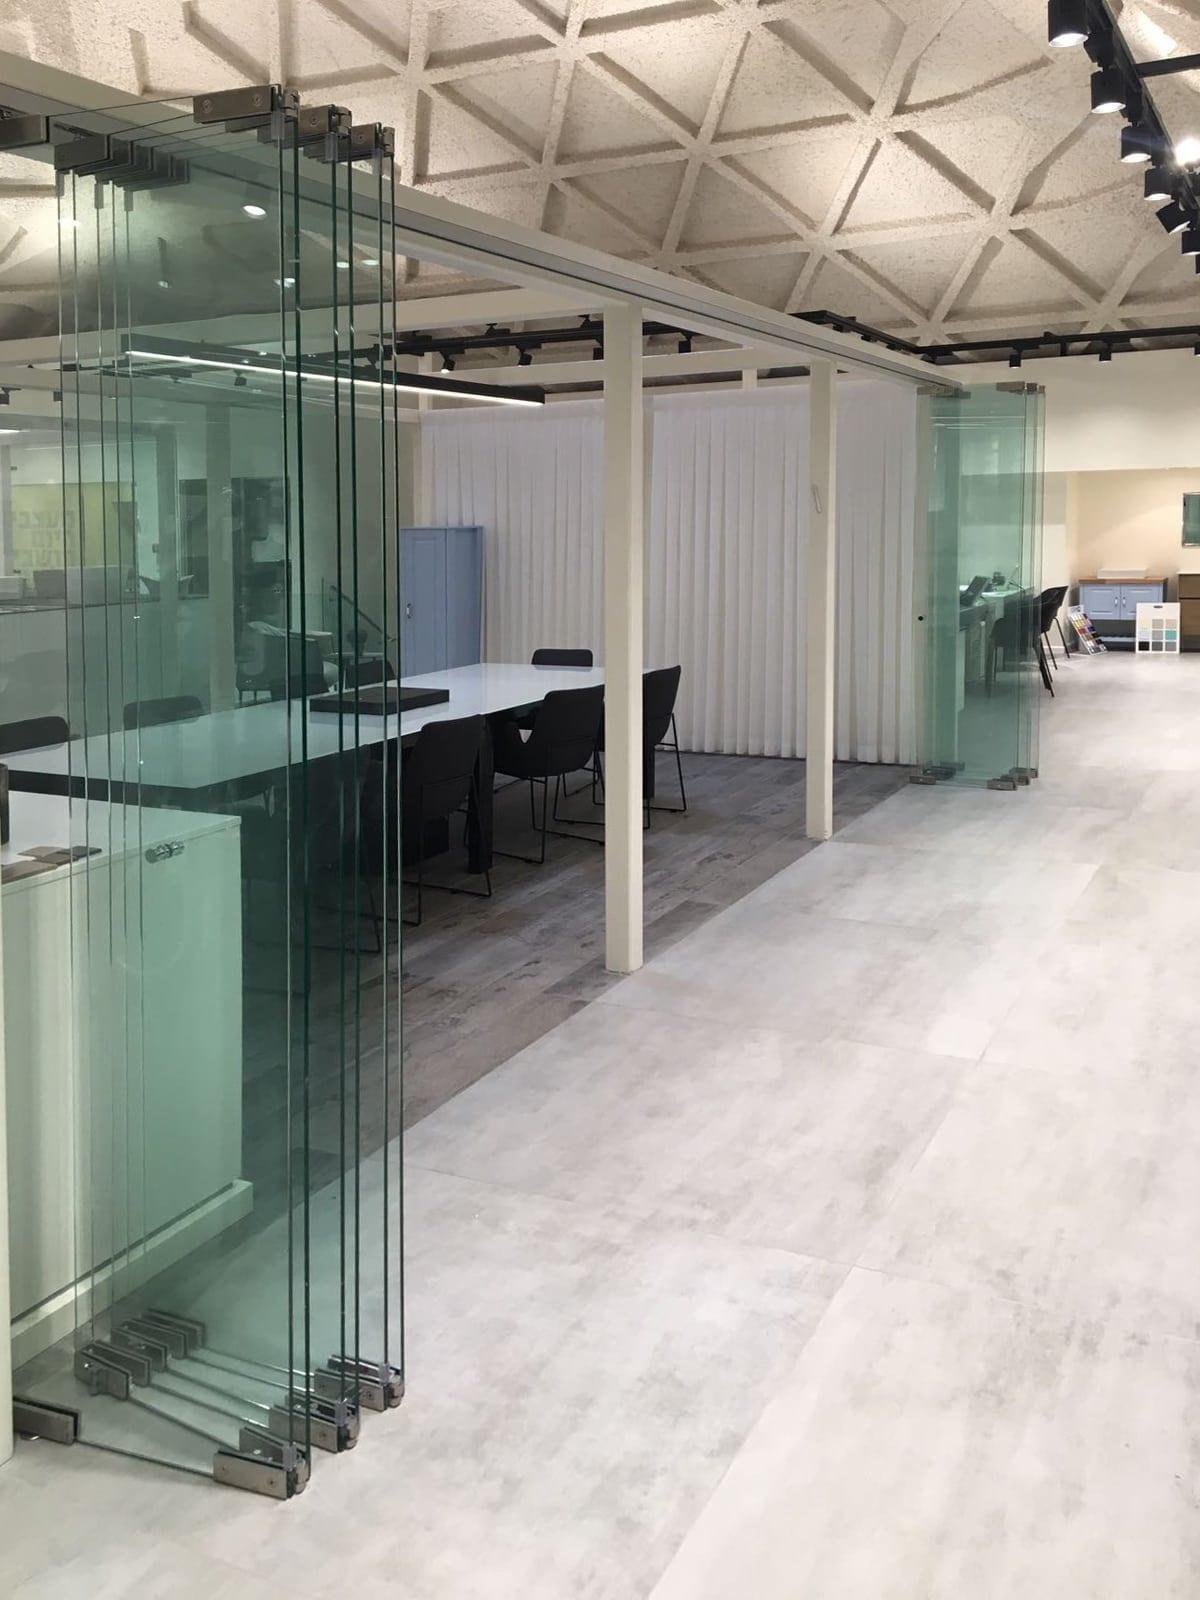 יתרונותיהן של מעקות זכוכית במשרד